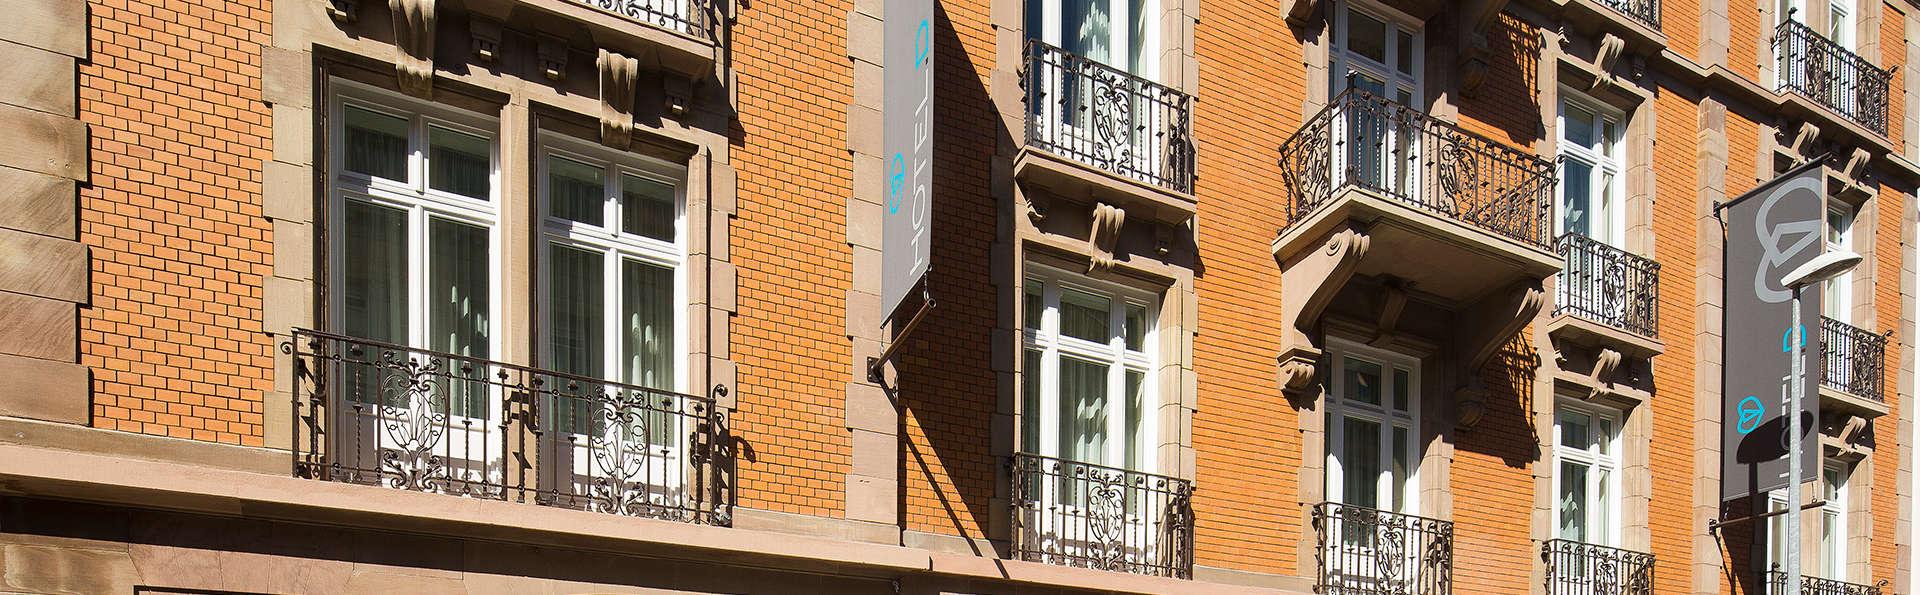 Hôtel D - Strasbourg - edit_facade-04-md.jpg